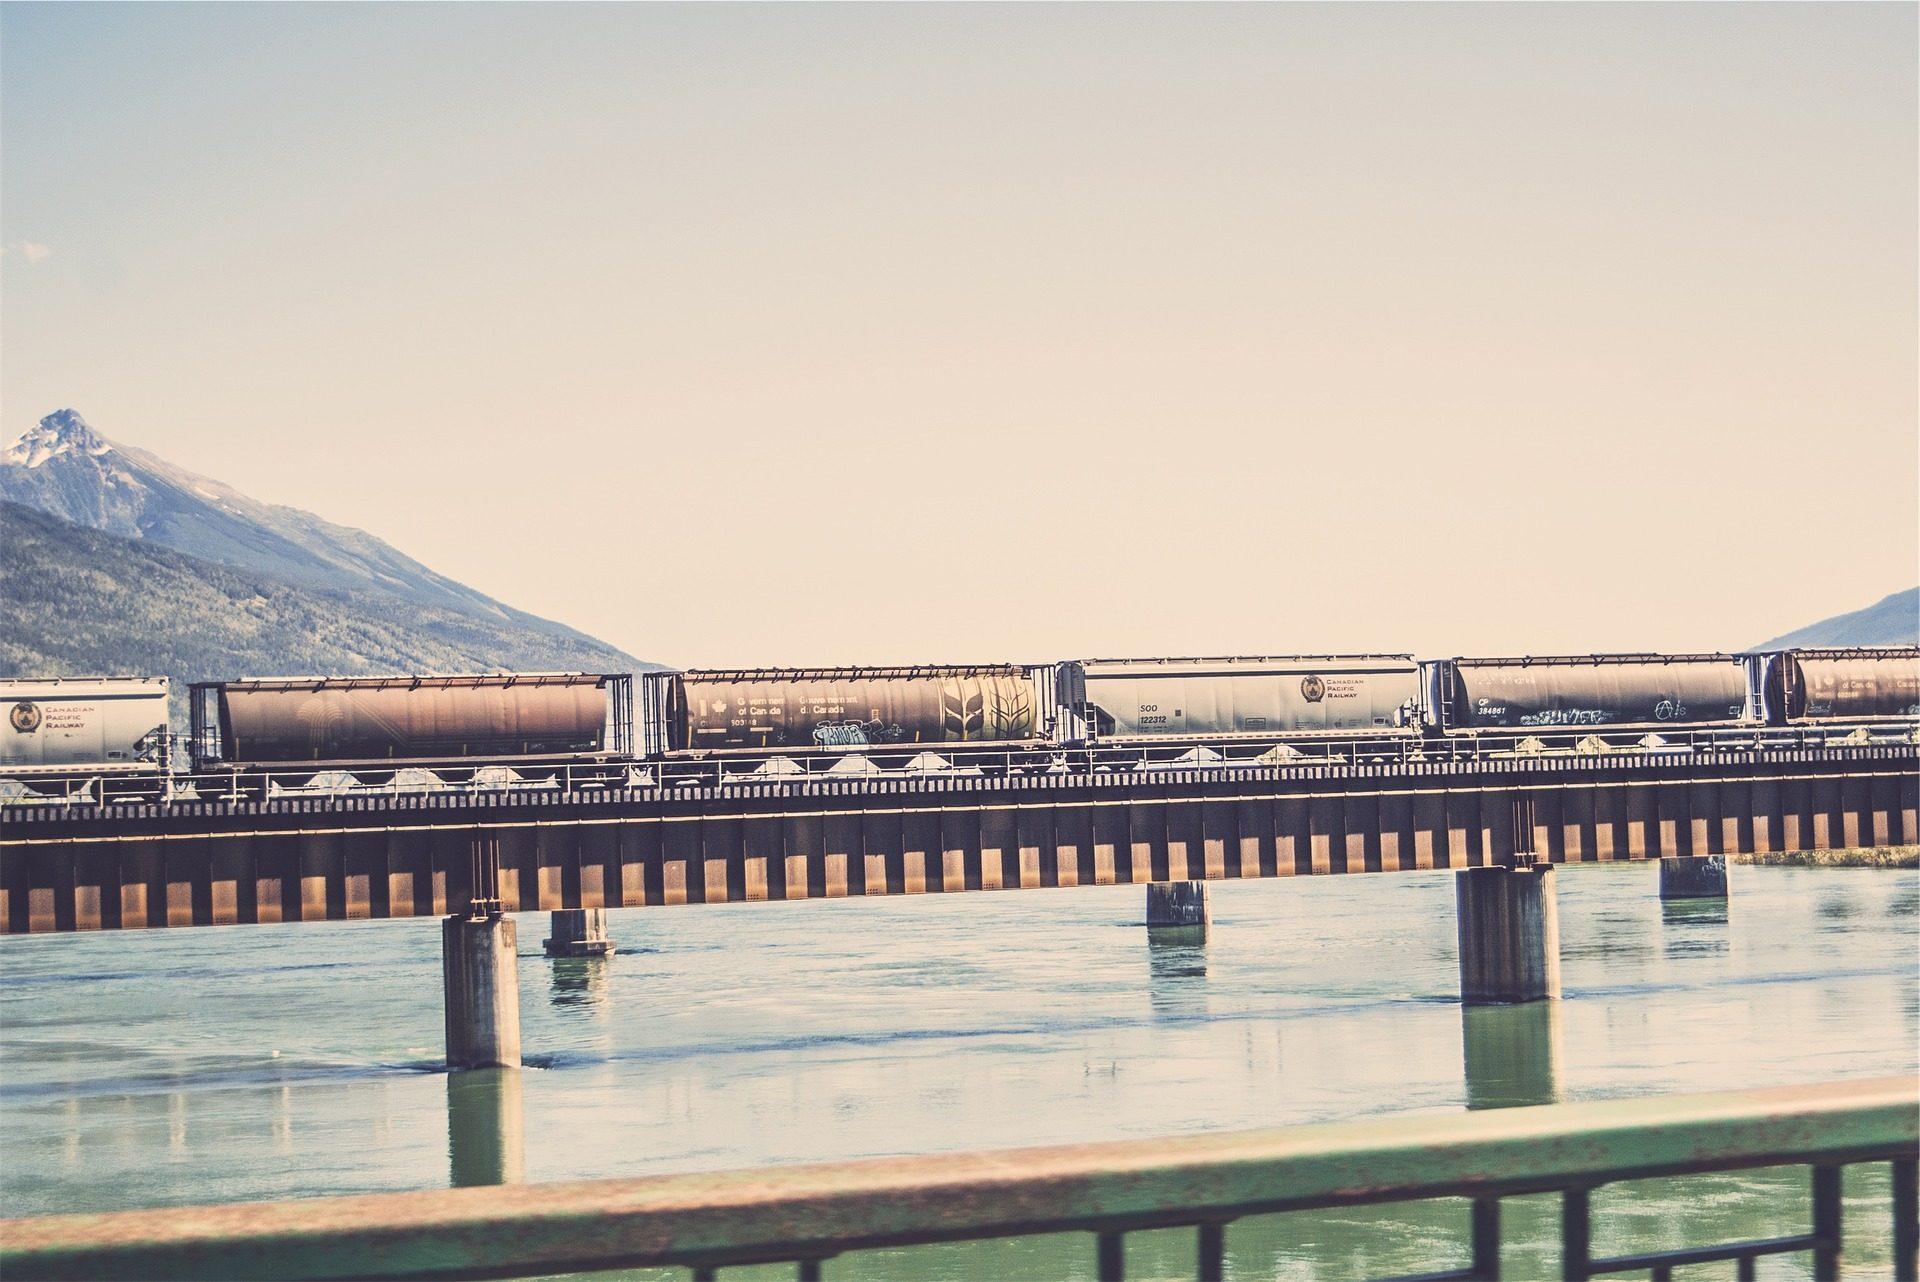 поезд, железная дорога, Товары, вагоны, мост, воды - Обои HD - Профессор falken.com